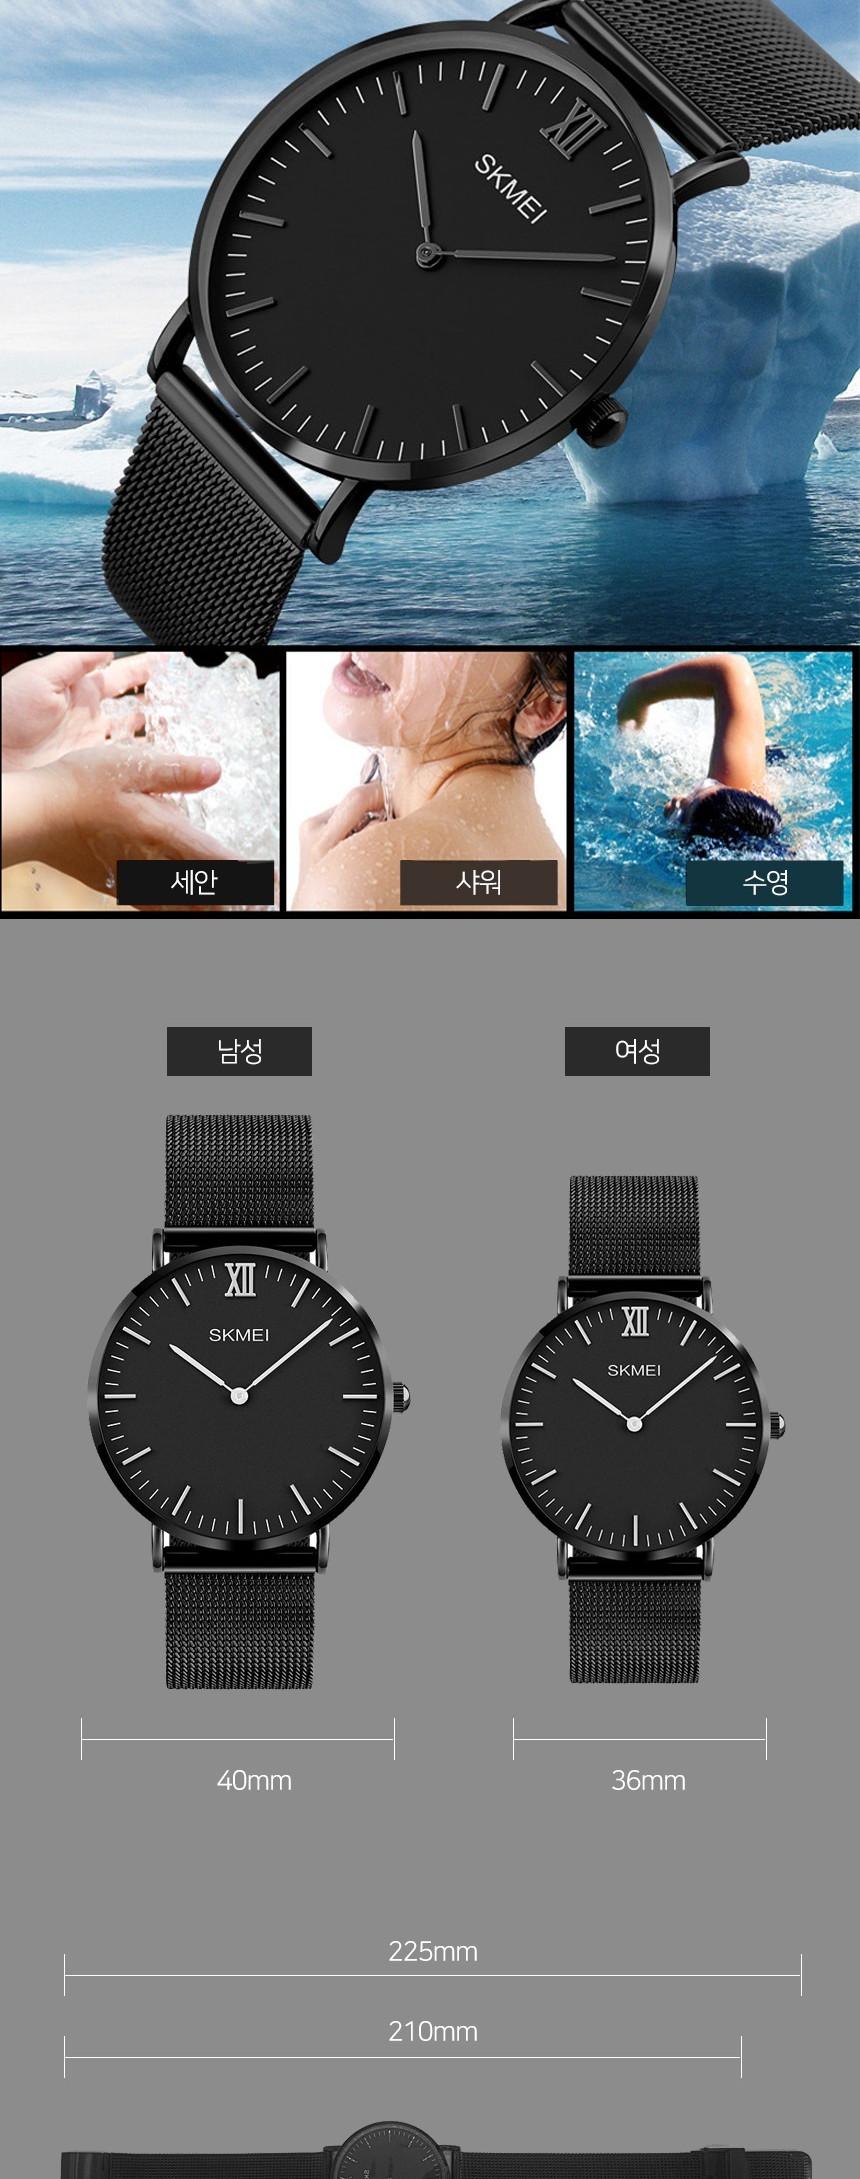 SKMEI 1181 블랙 메탈 방수 손목시계 메탈방수시계 패 메탈방수시계 패션손목시계 방수손목시계 메탈손목시계 시계